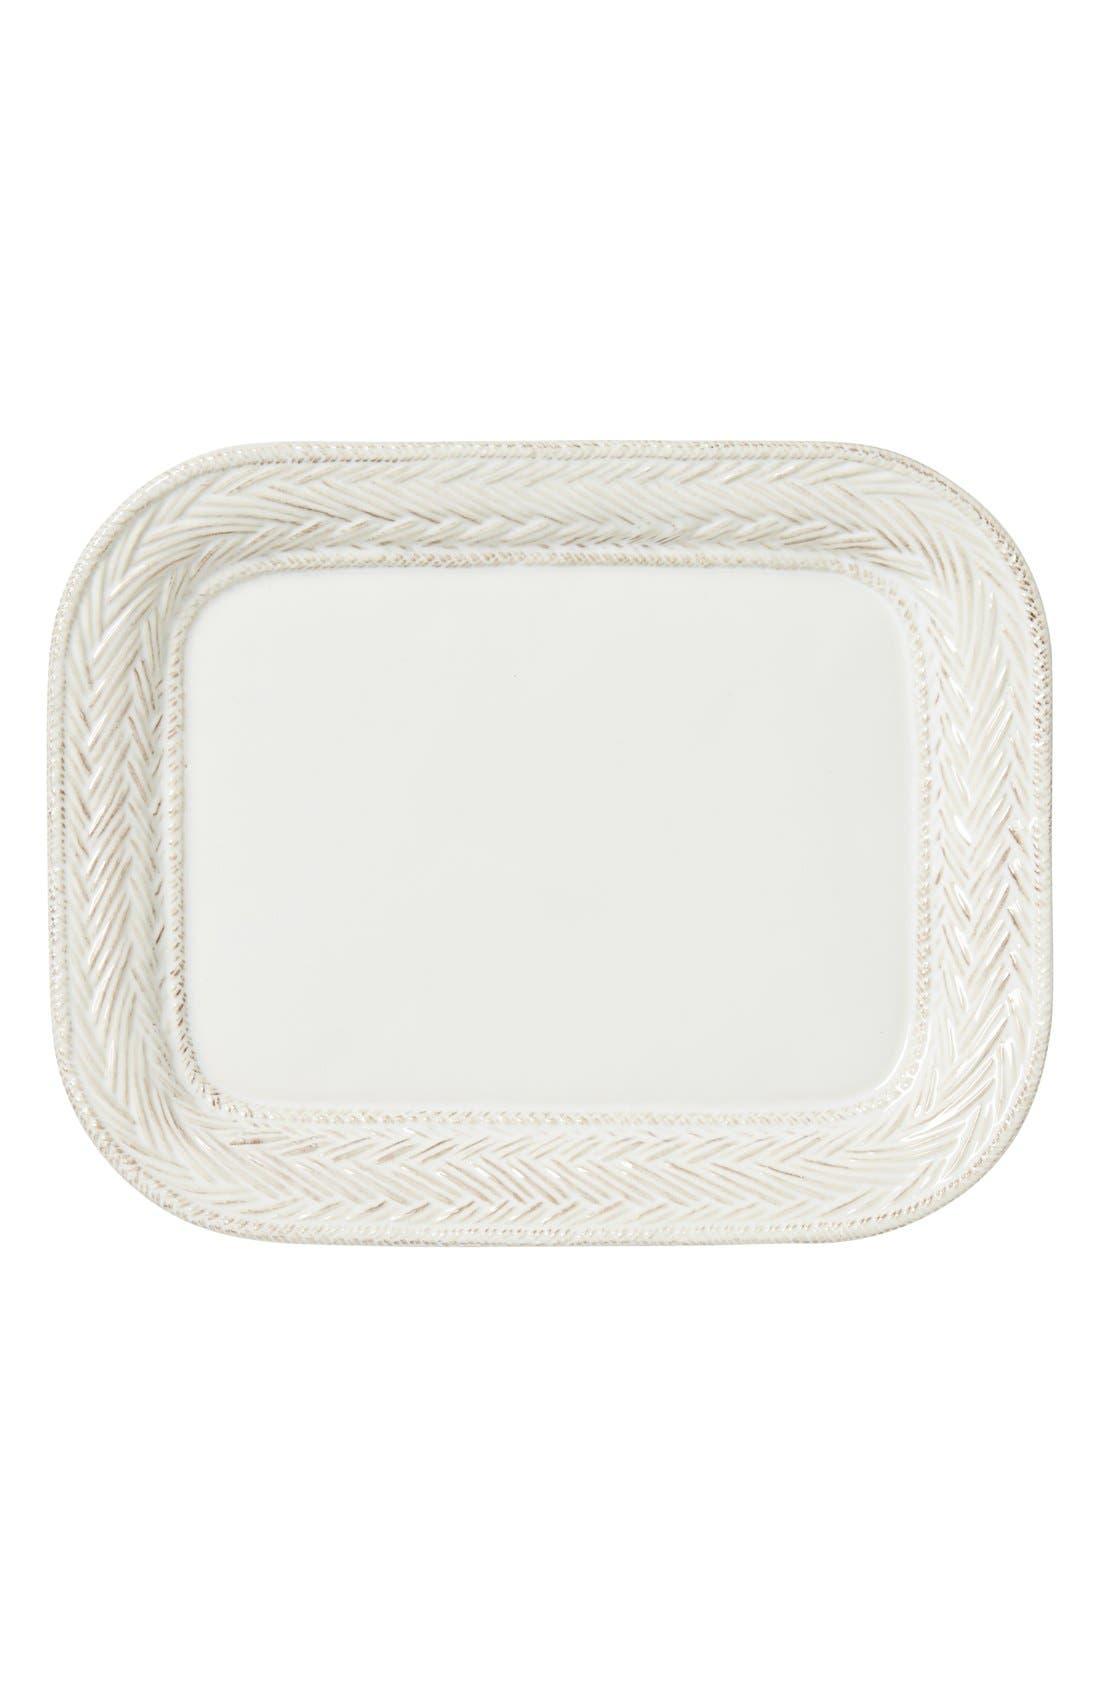 Main Image - Juliska Le Panier Medium Serving Platter